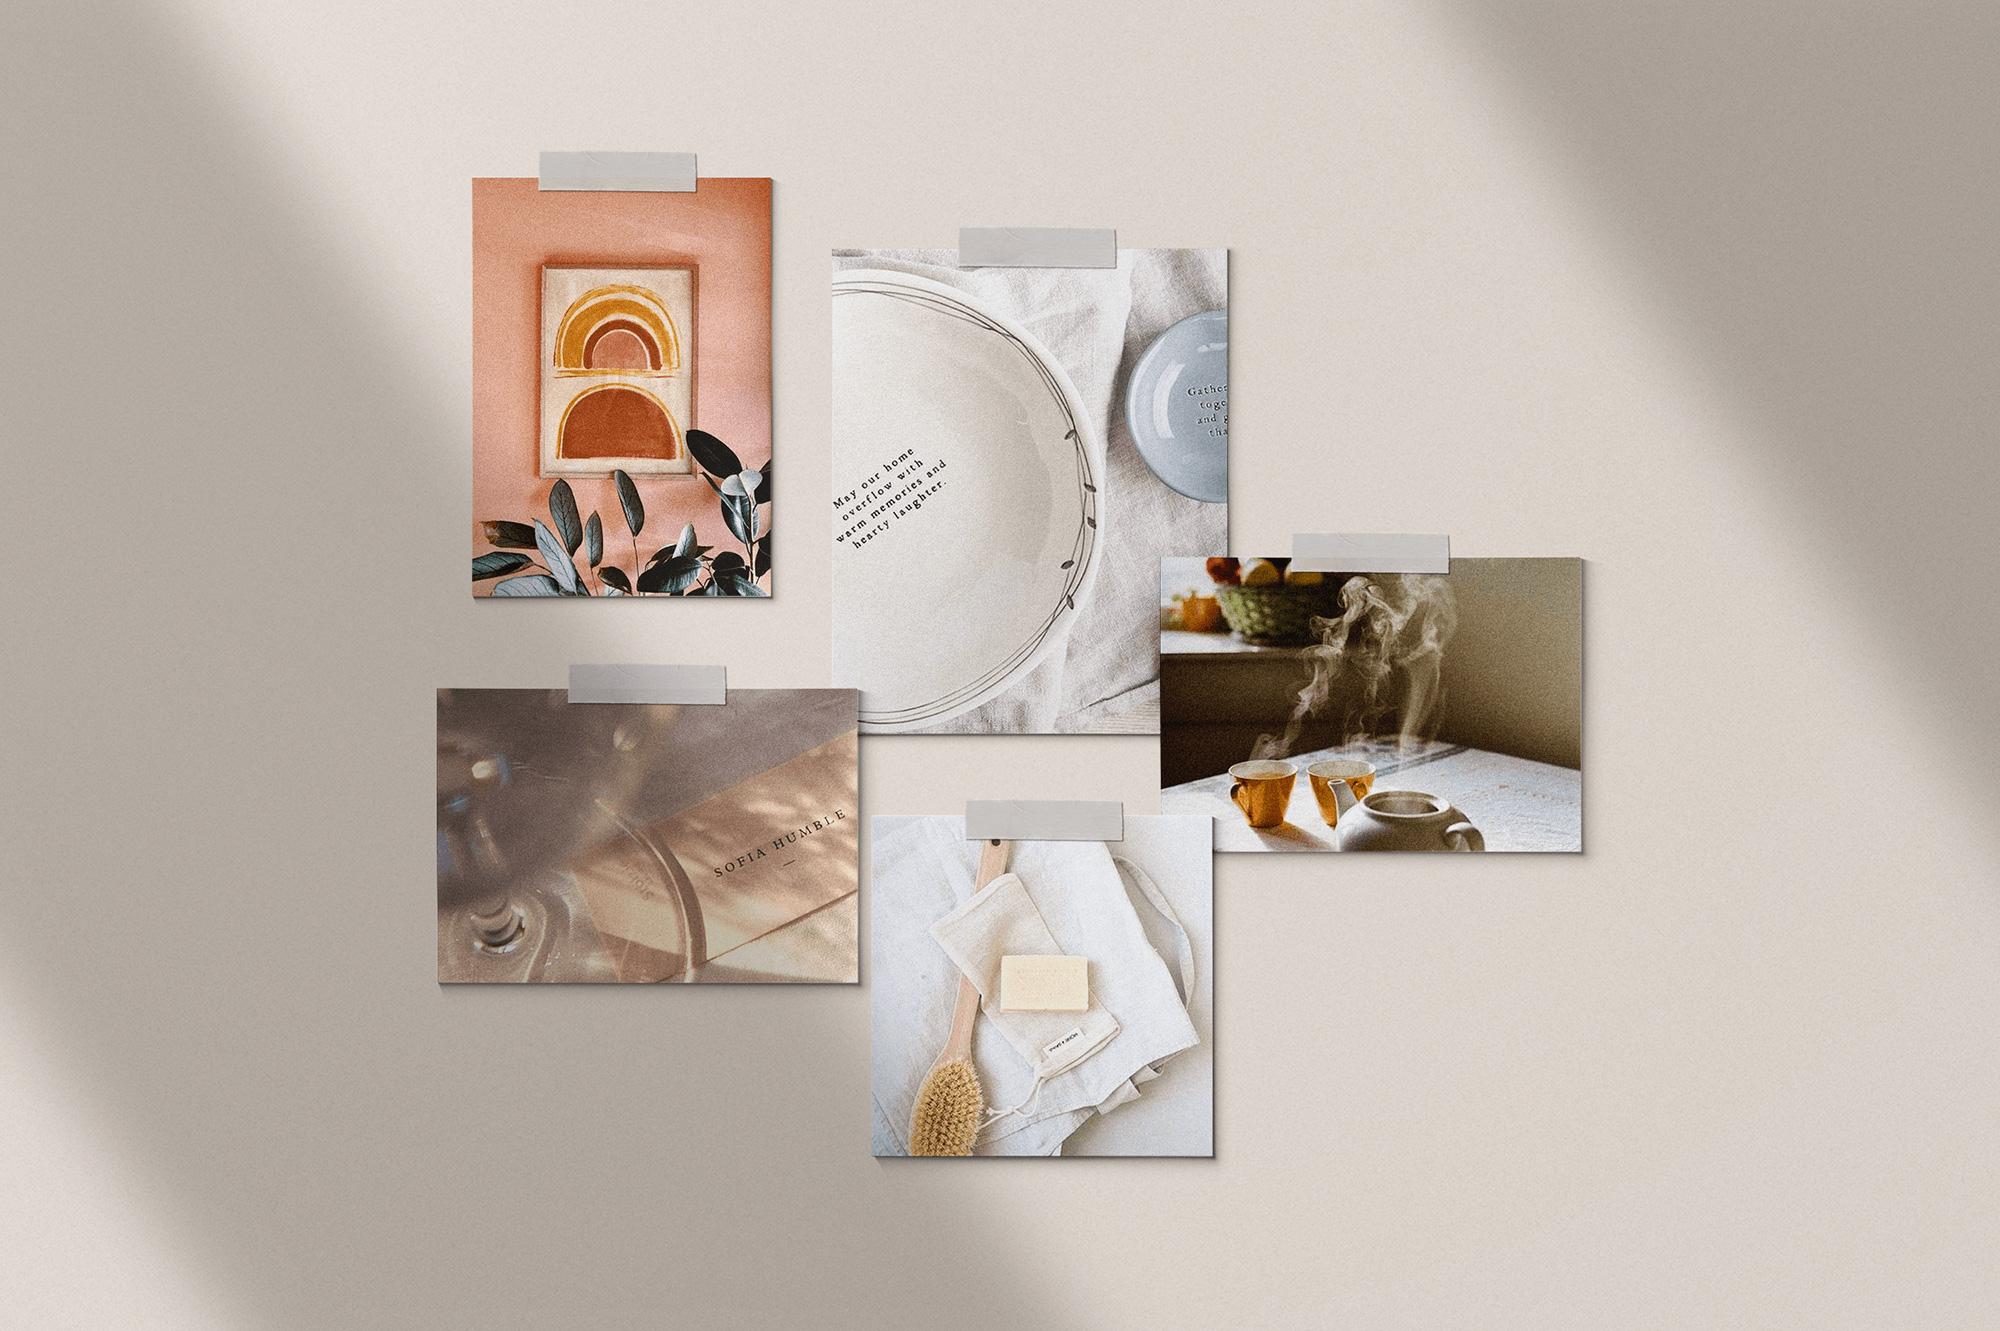 Identidade Visual exclusiva para Lili Fujiy - Design by Adrielly Sato